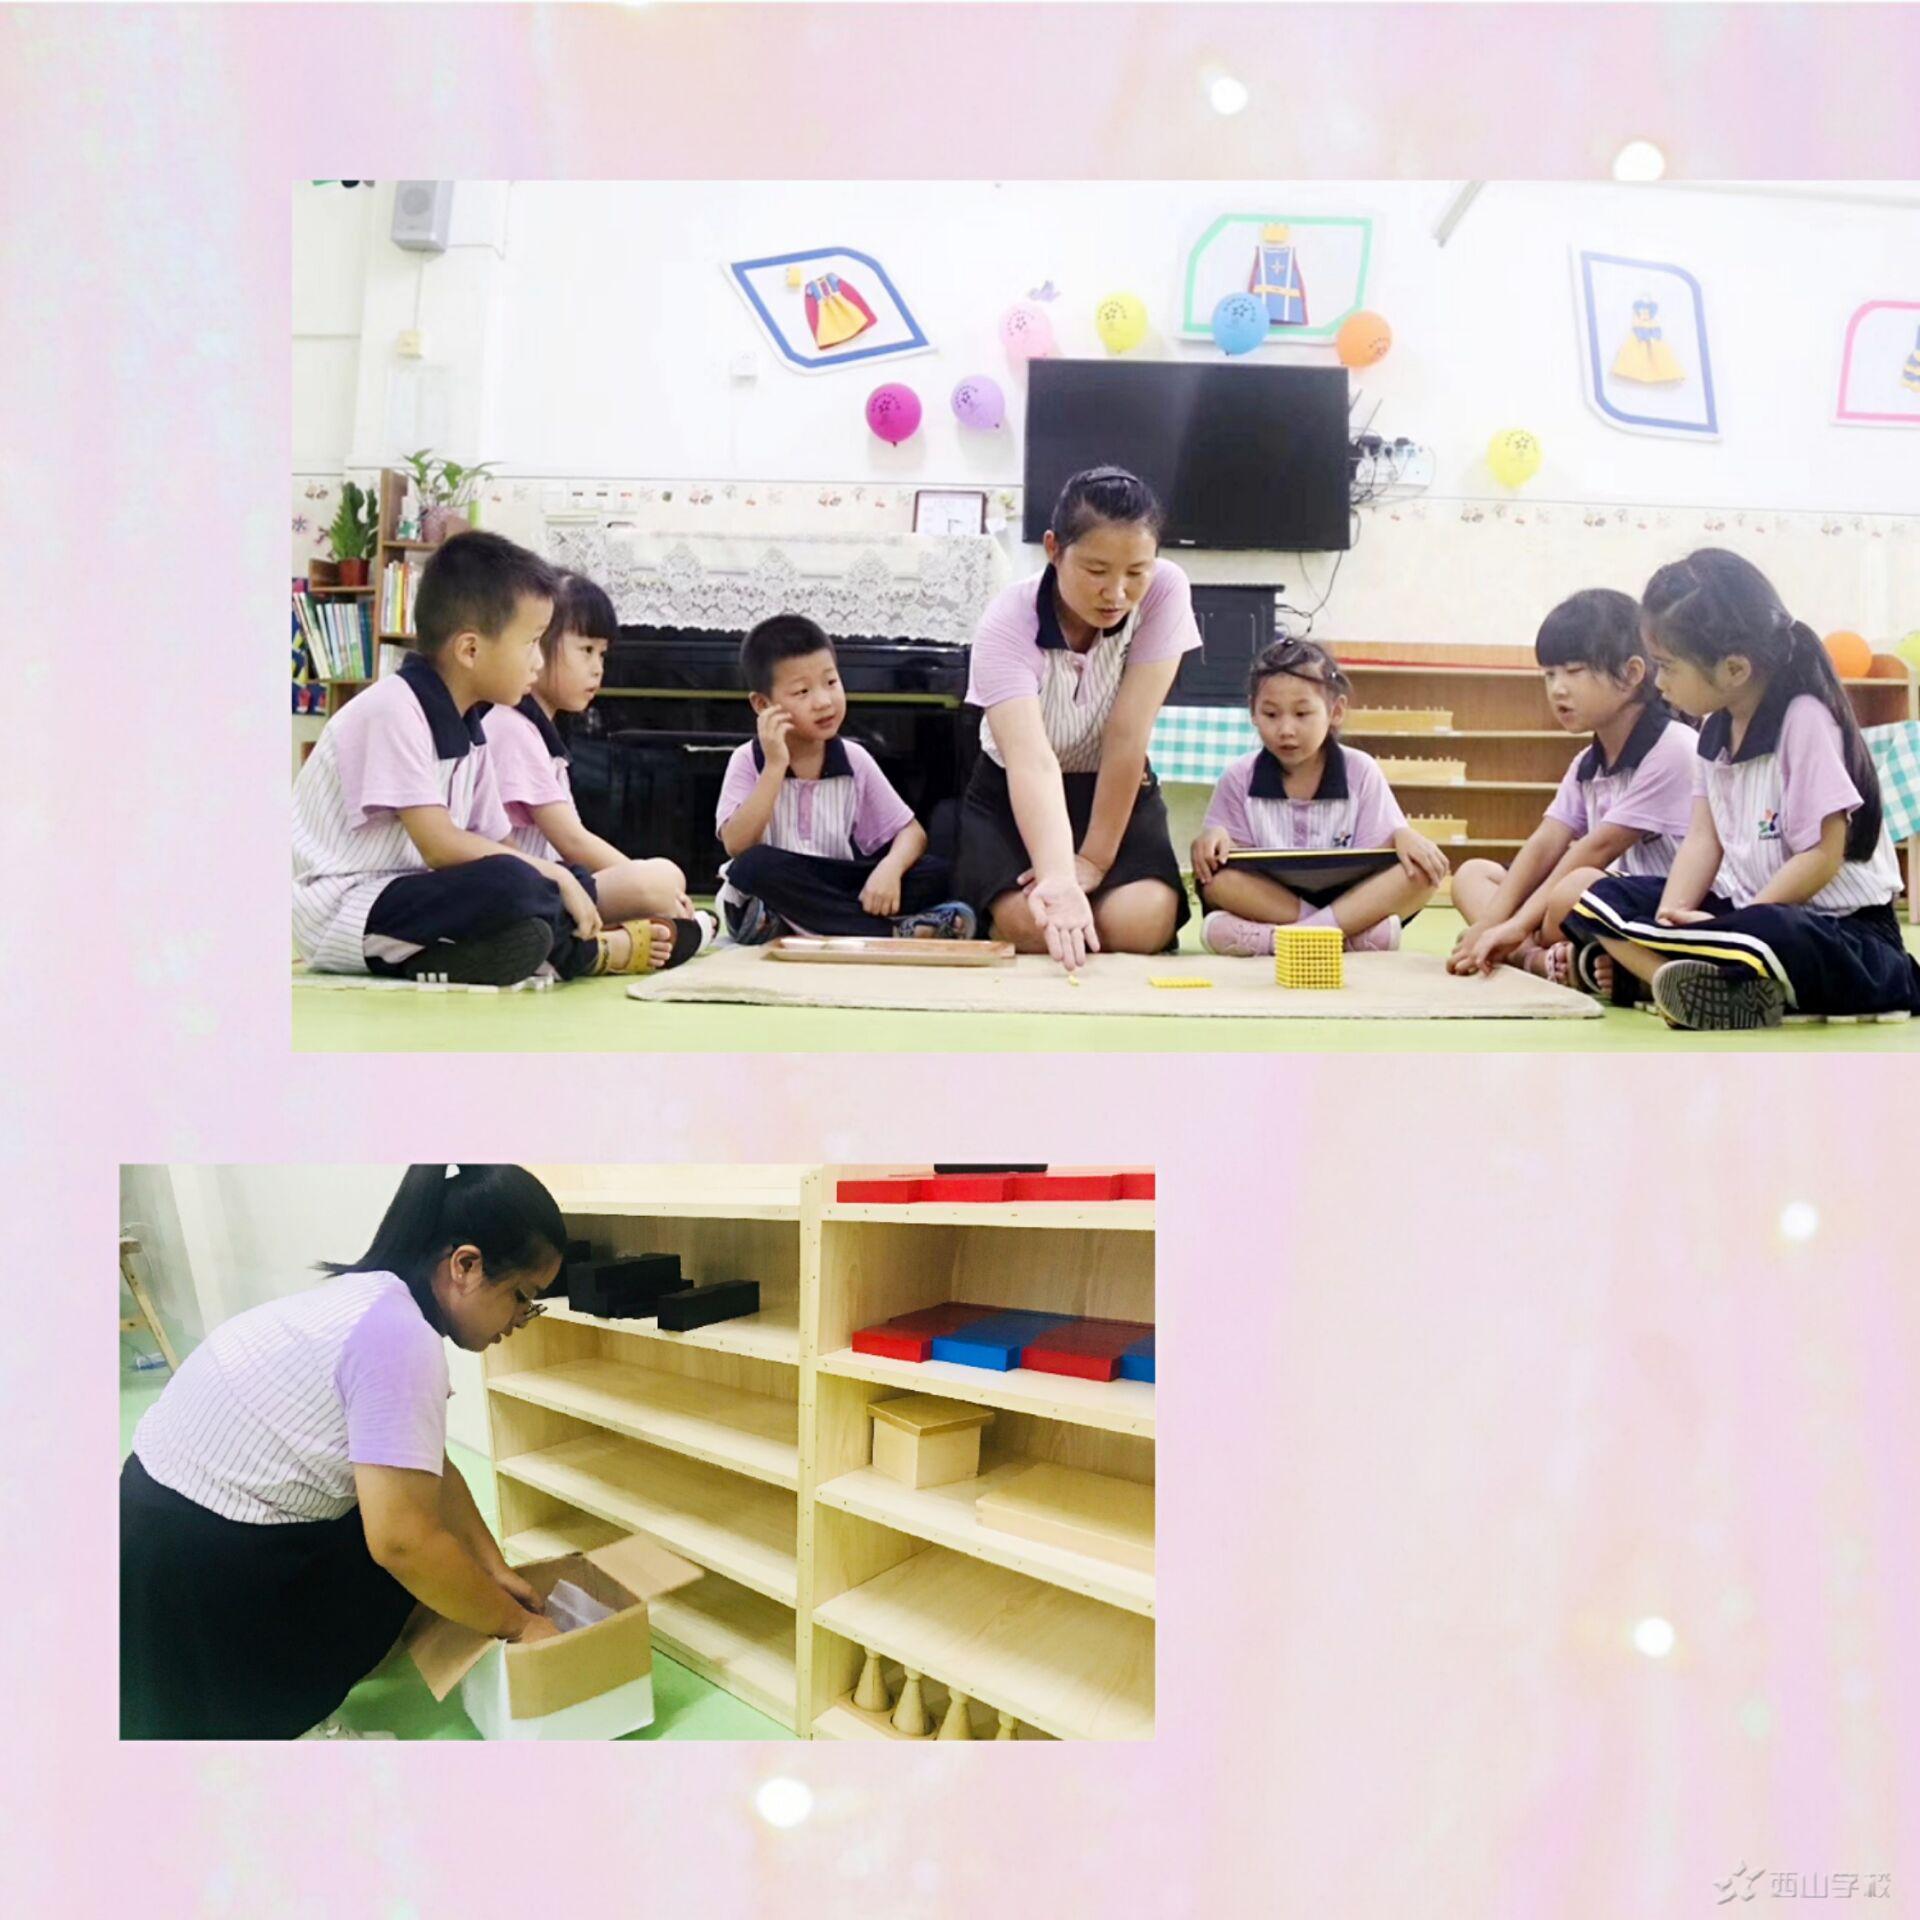 未雨绸缪,再续新篇 ——福清西山学校幼儿园迎新纪实